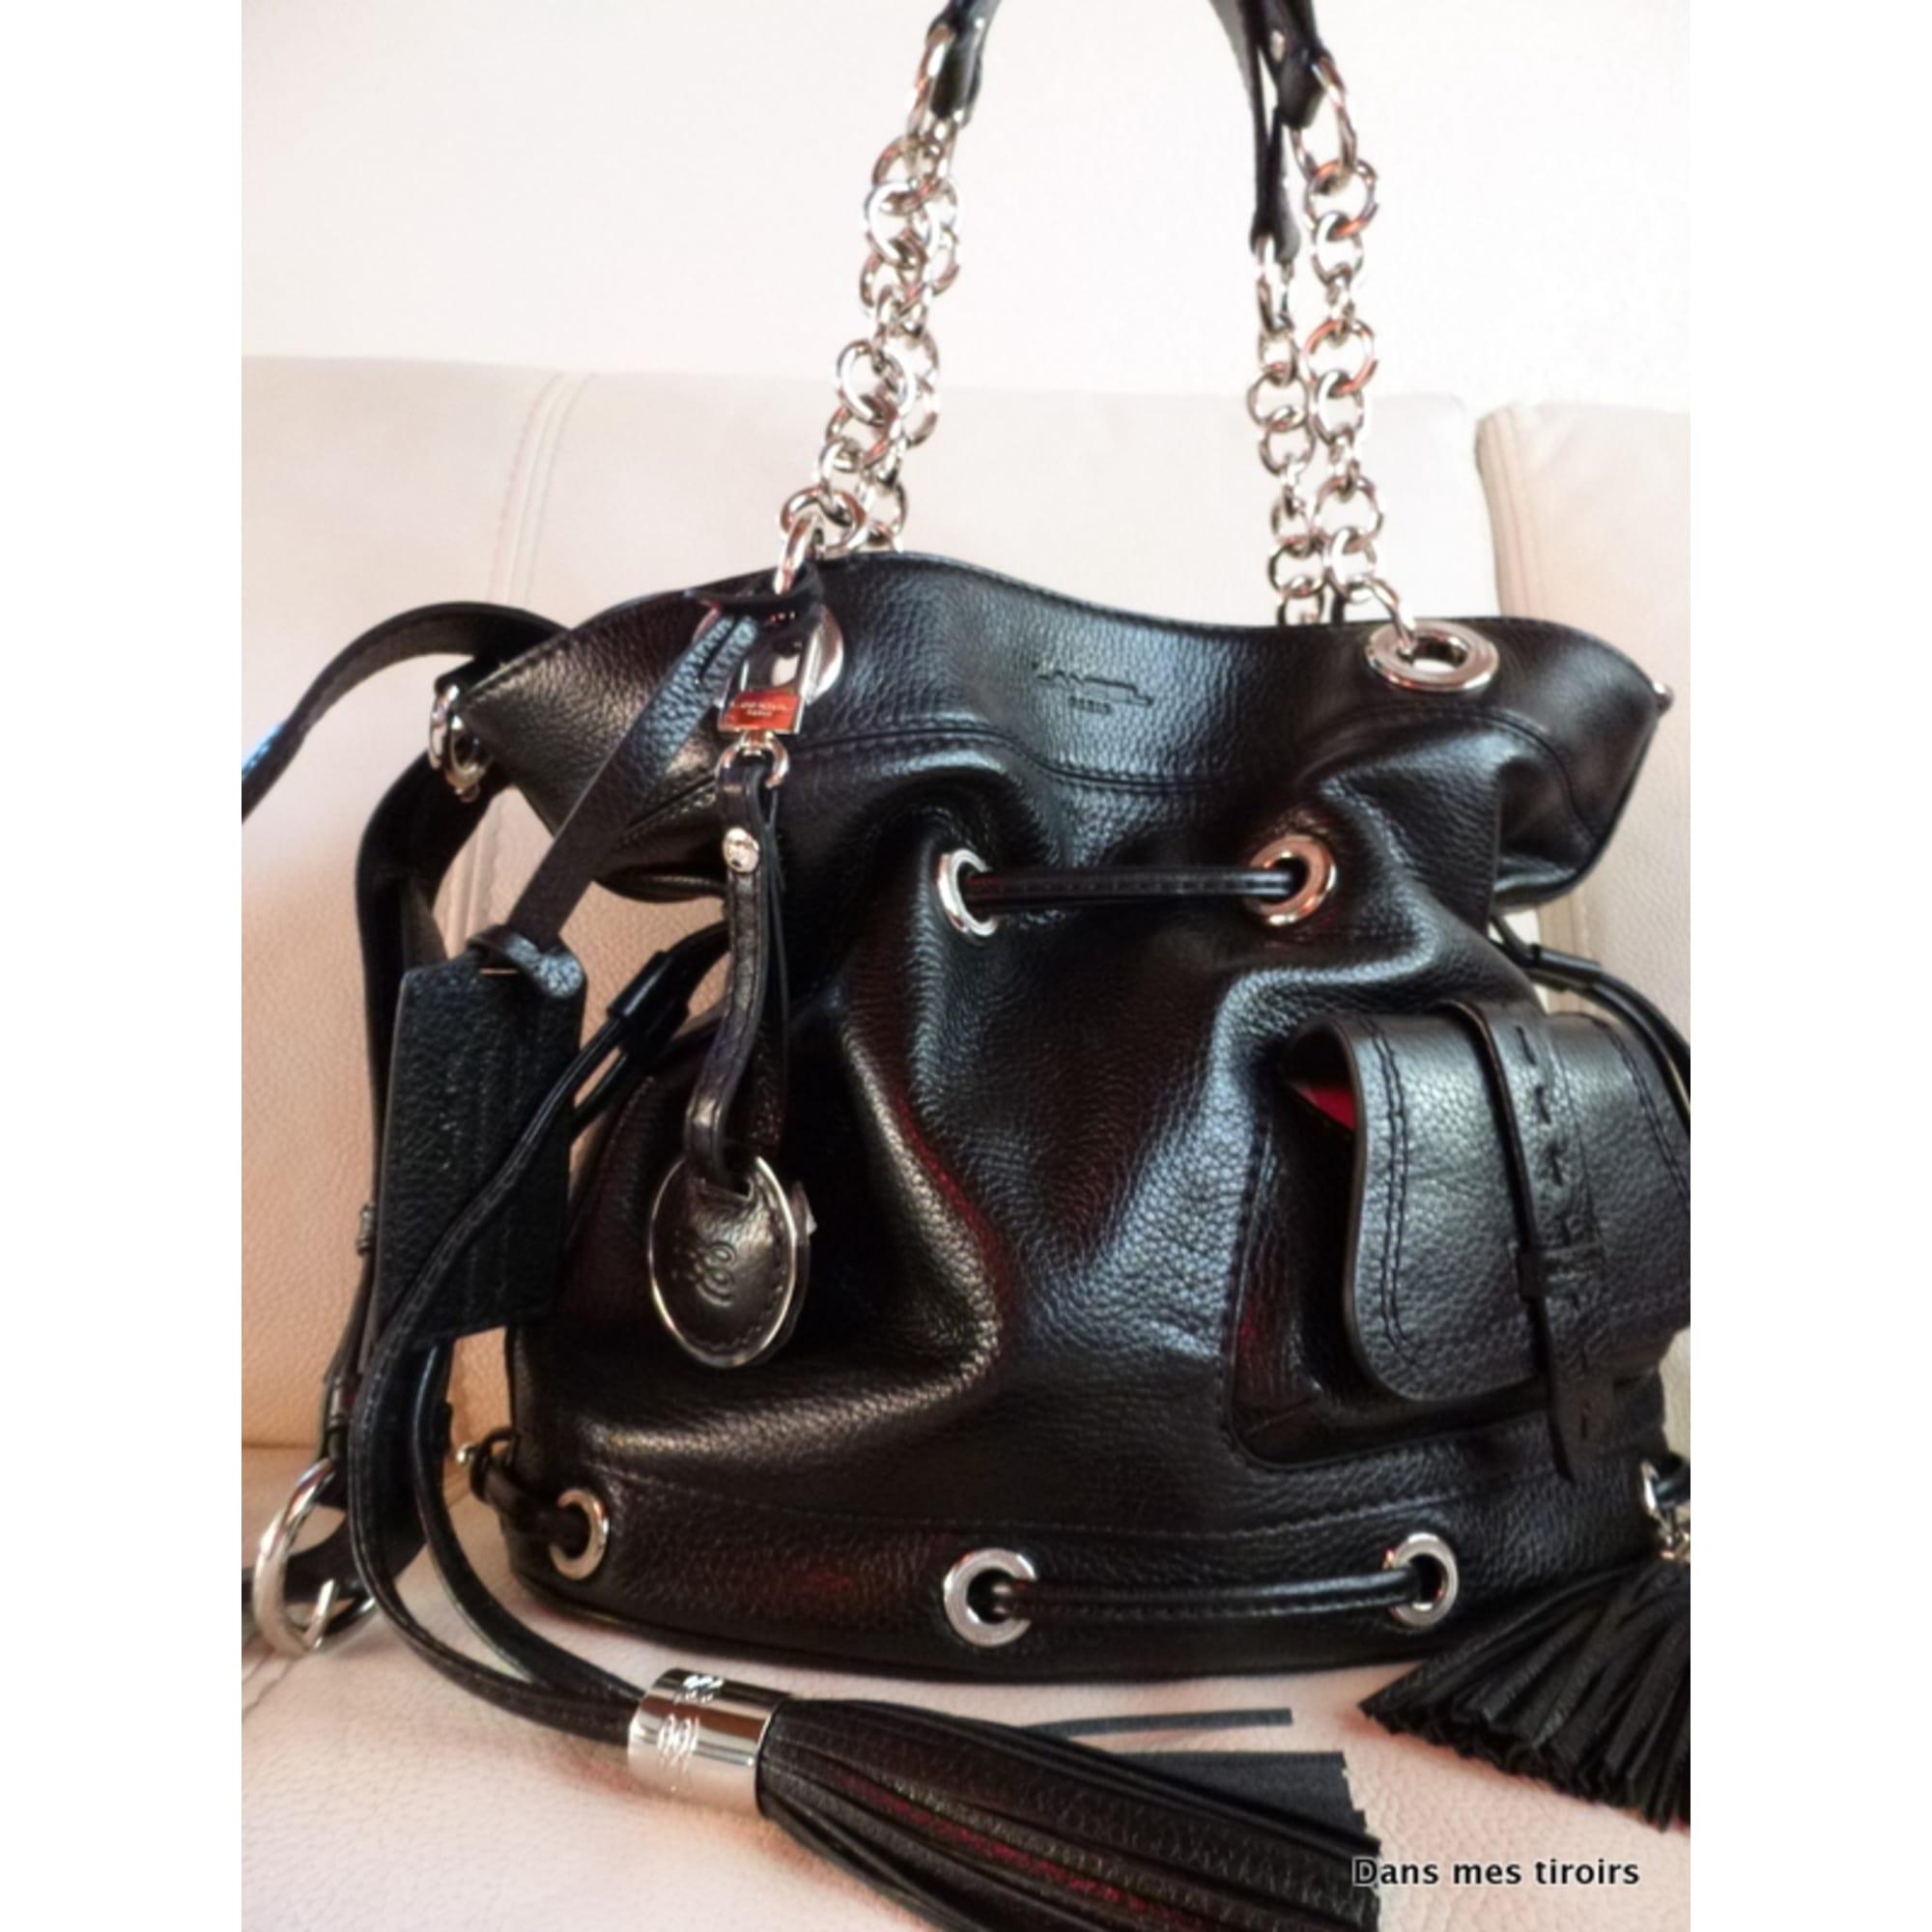 cbcf793948b Sac à main en cuir LANCEL noir vendu par Fit-latinahealthy75 - 1162493